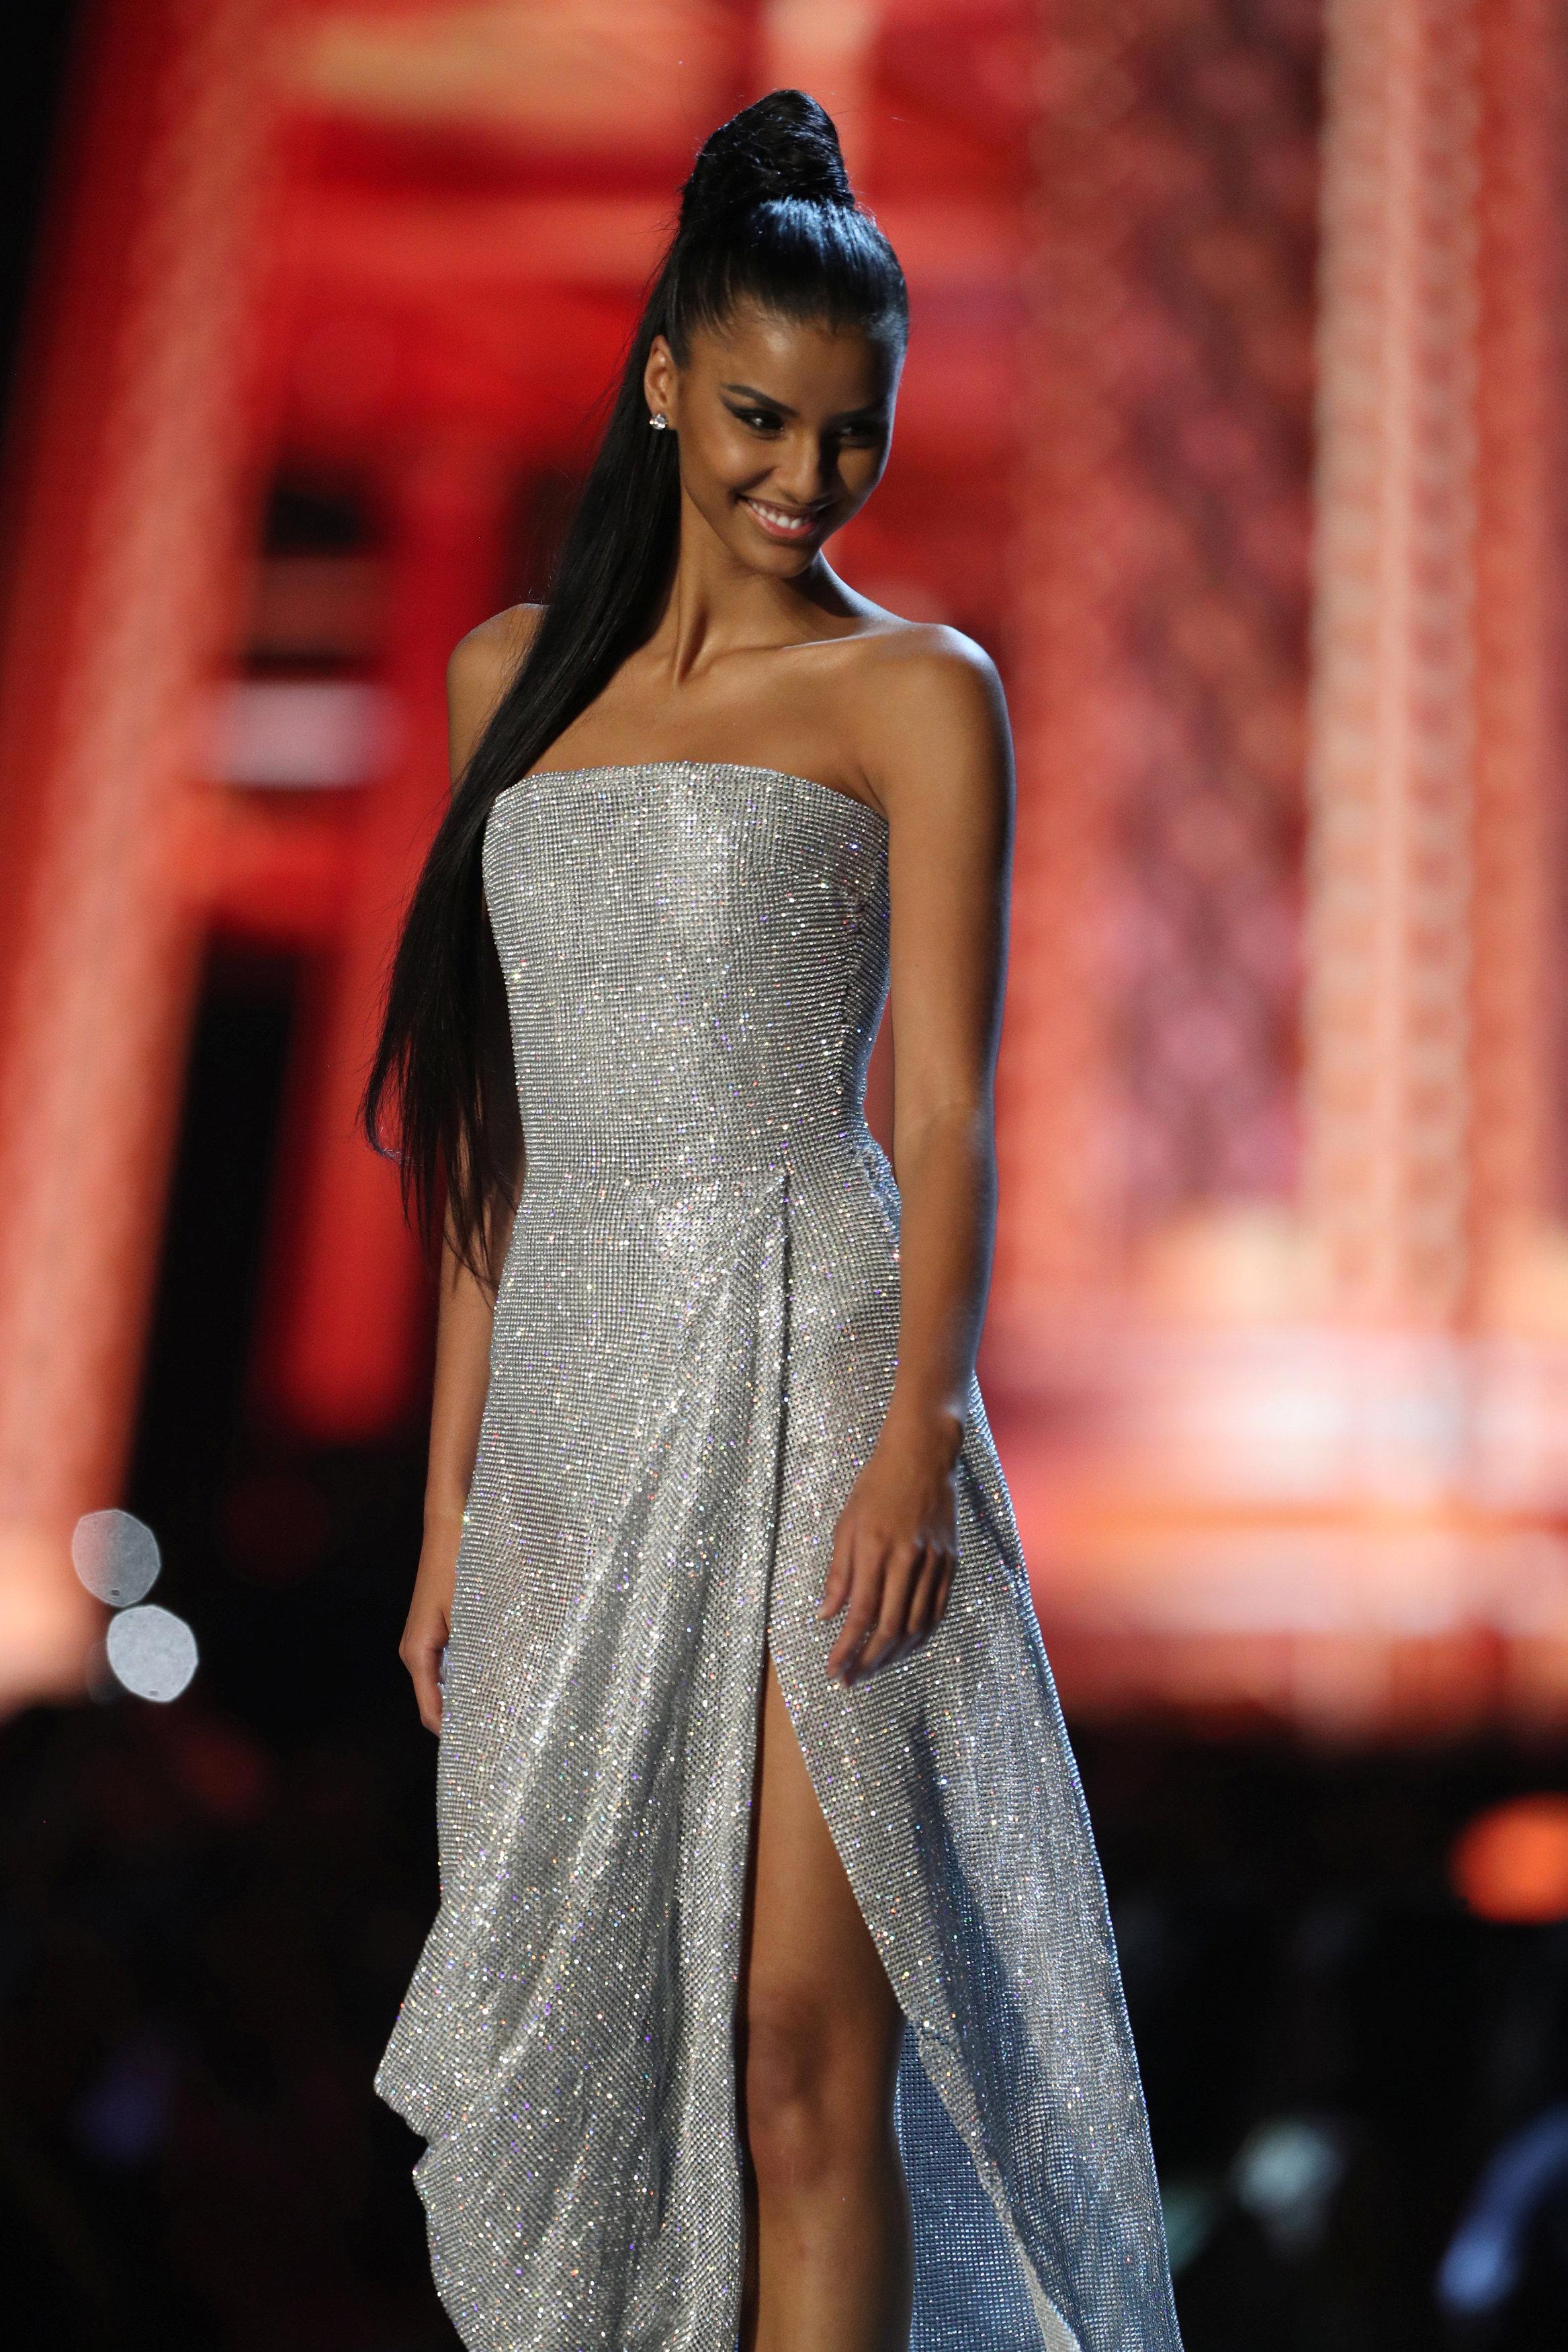 مسابقة ملكة جمال الكون من بانكوك (9)